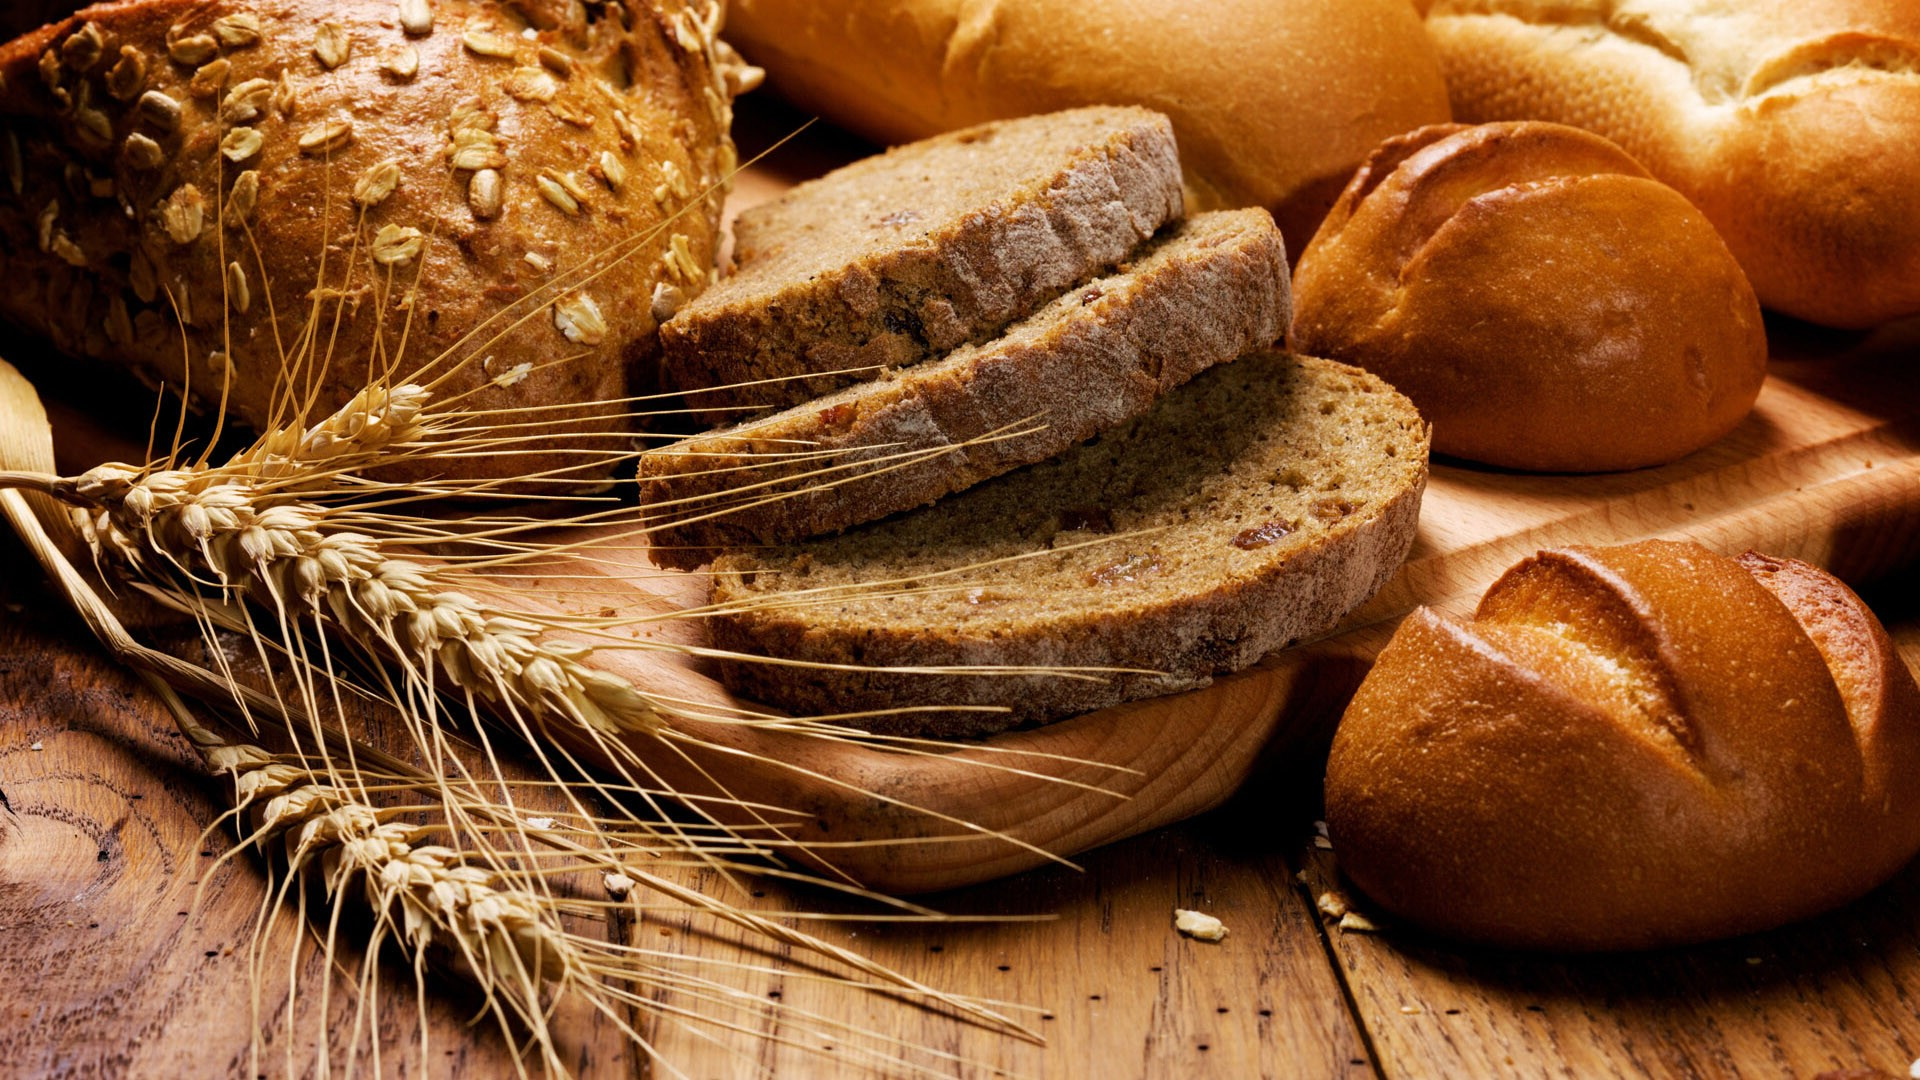 Картинки про хлебобулочные изделия